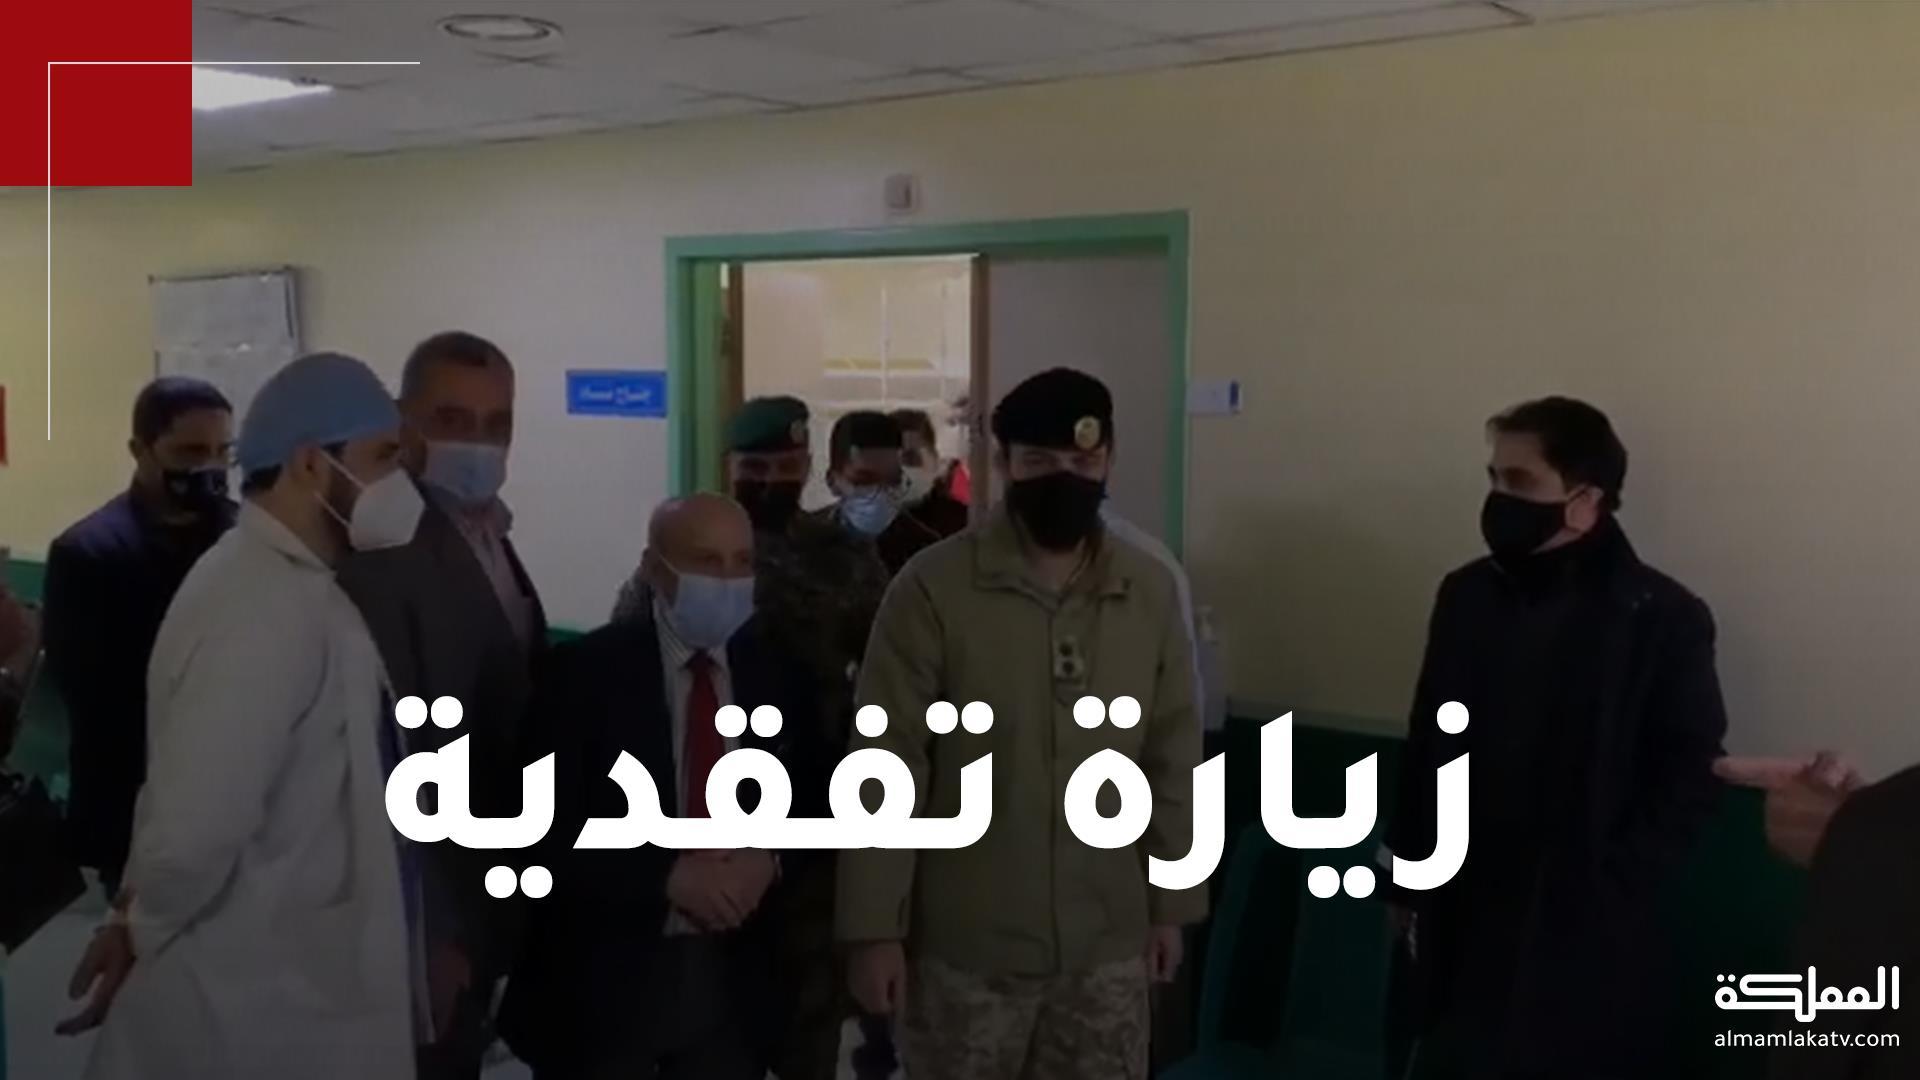 ولي العهد يطلع على سير عملية التطعيم في مستشفى الجامعة الأردنية